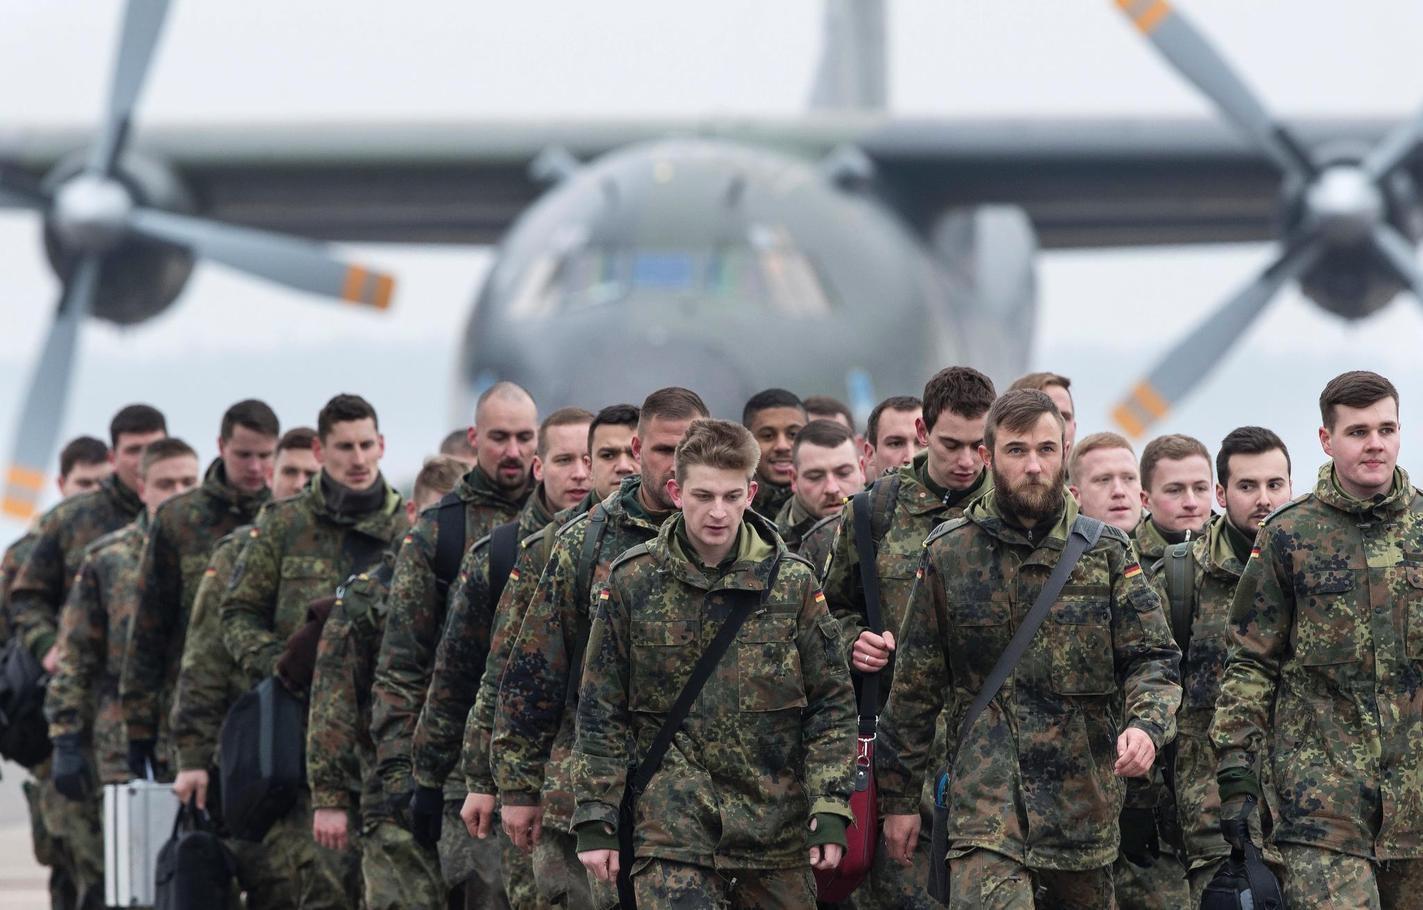 Bundeswehrsoldaten bei ihrer Ankunft in Litauen.Foto: Mindaugas Kulbis/AP/dpa